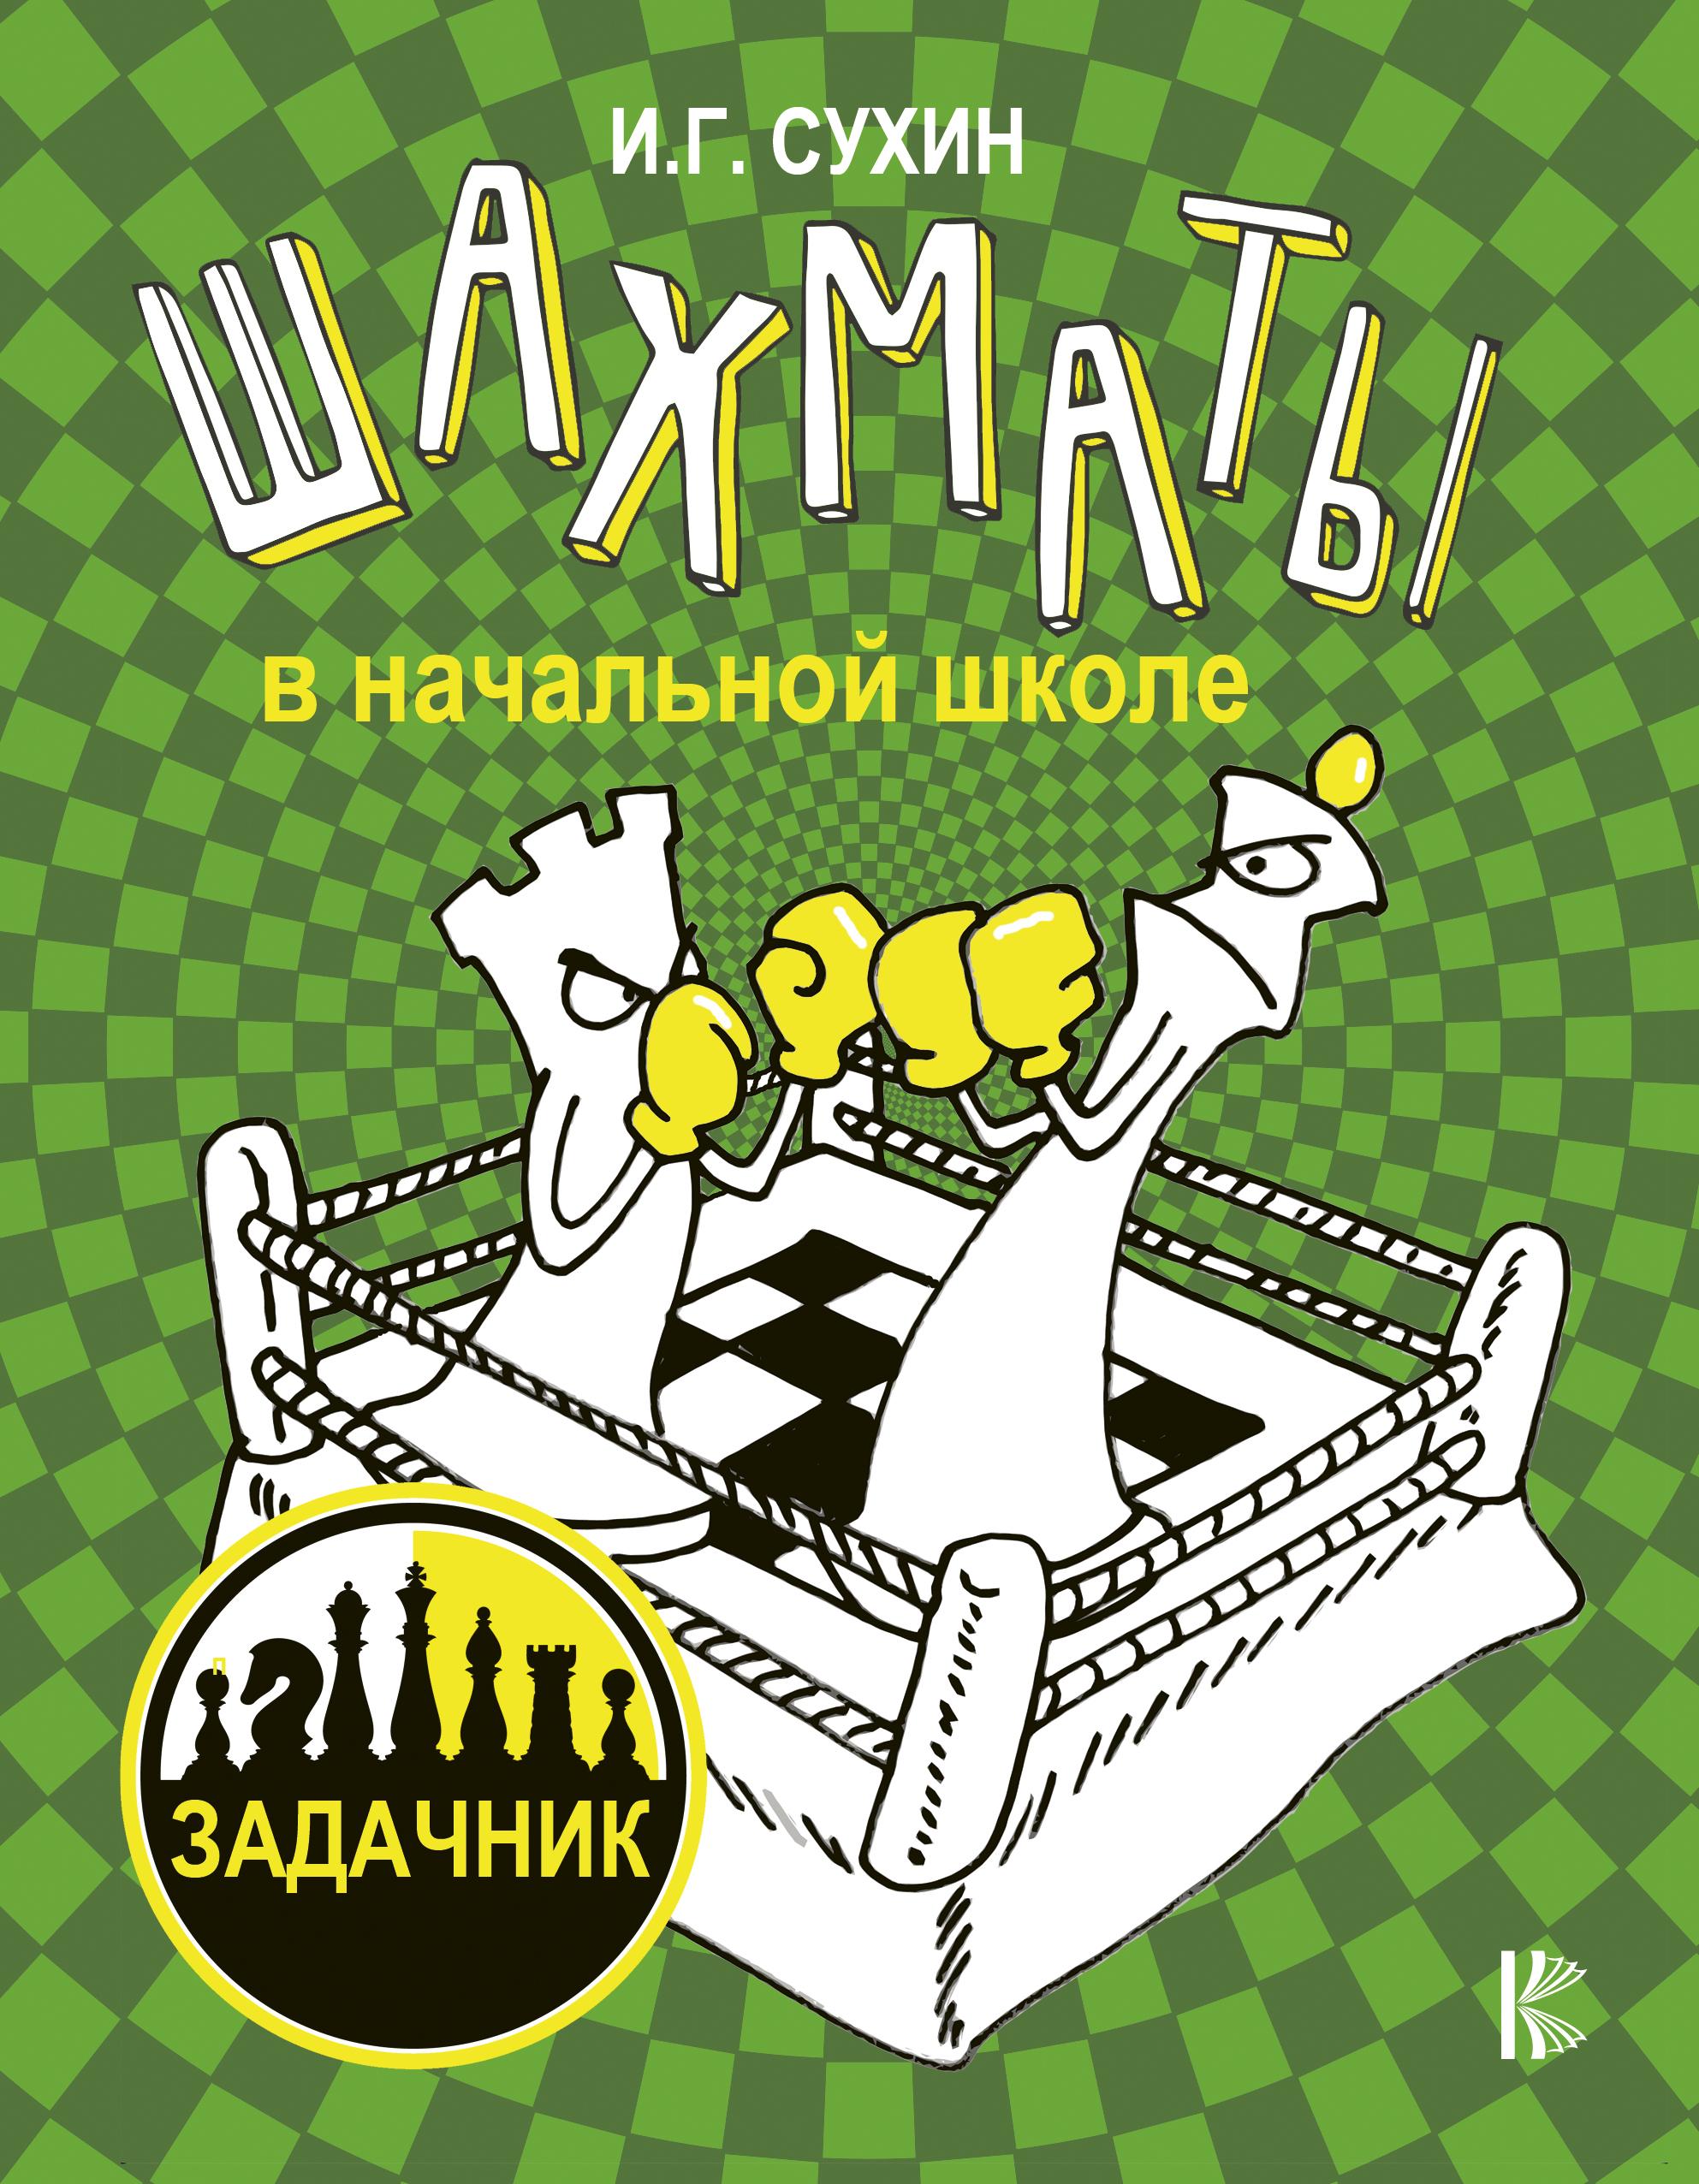 Сухин И.Г. Шахматы в начальной школе: задачник фесенко т учебная дисциплина шахматы в начальной школе